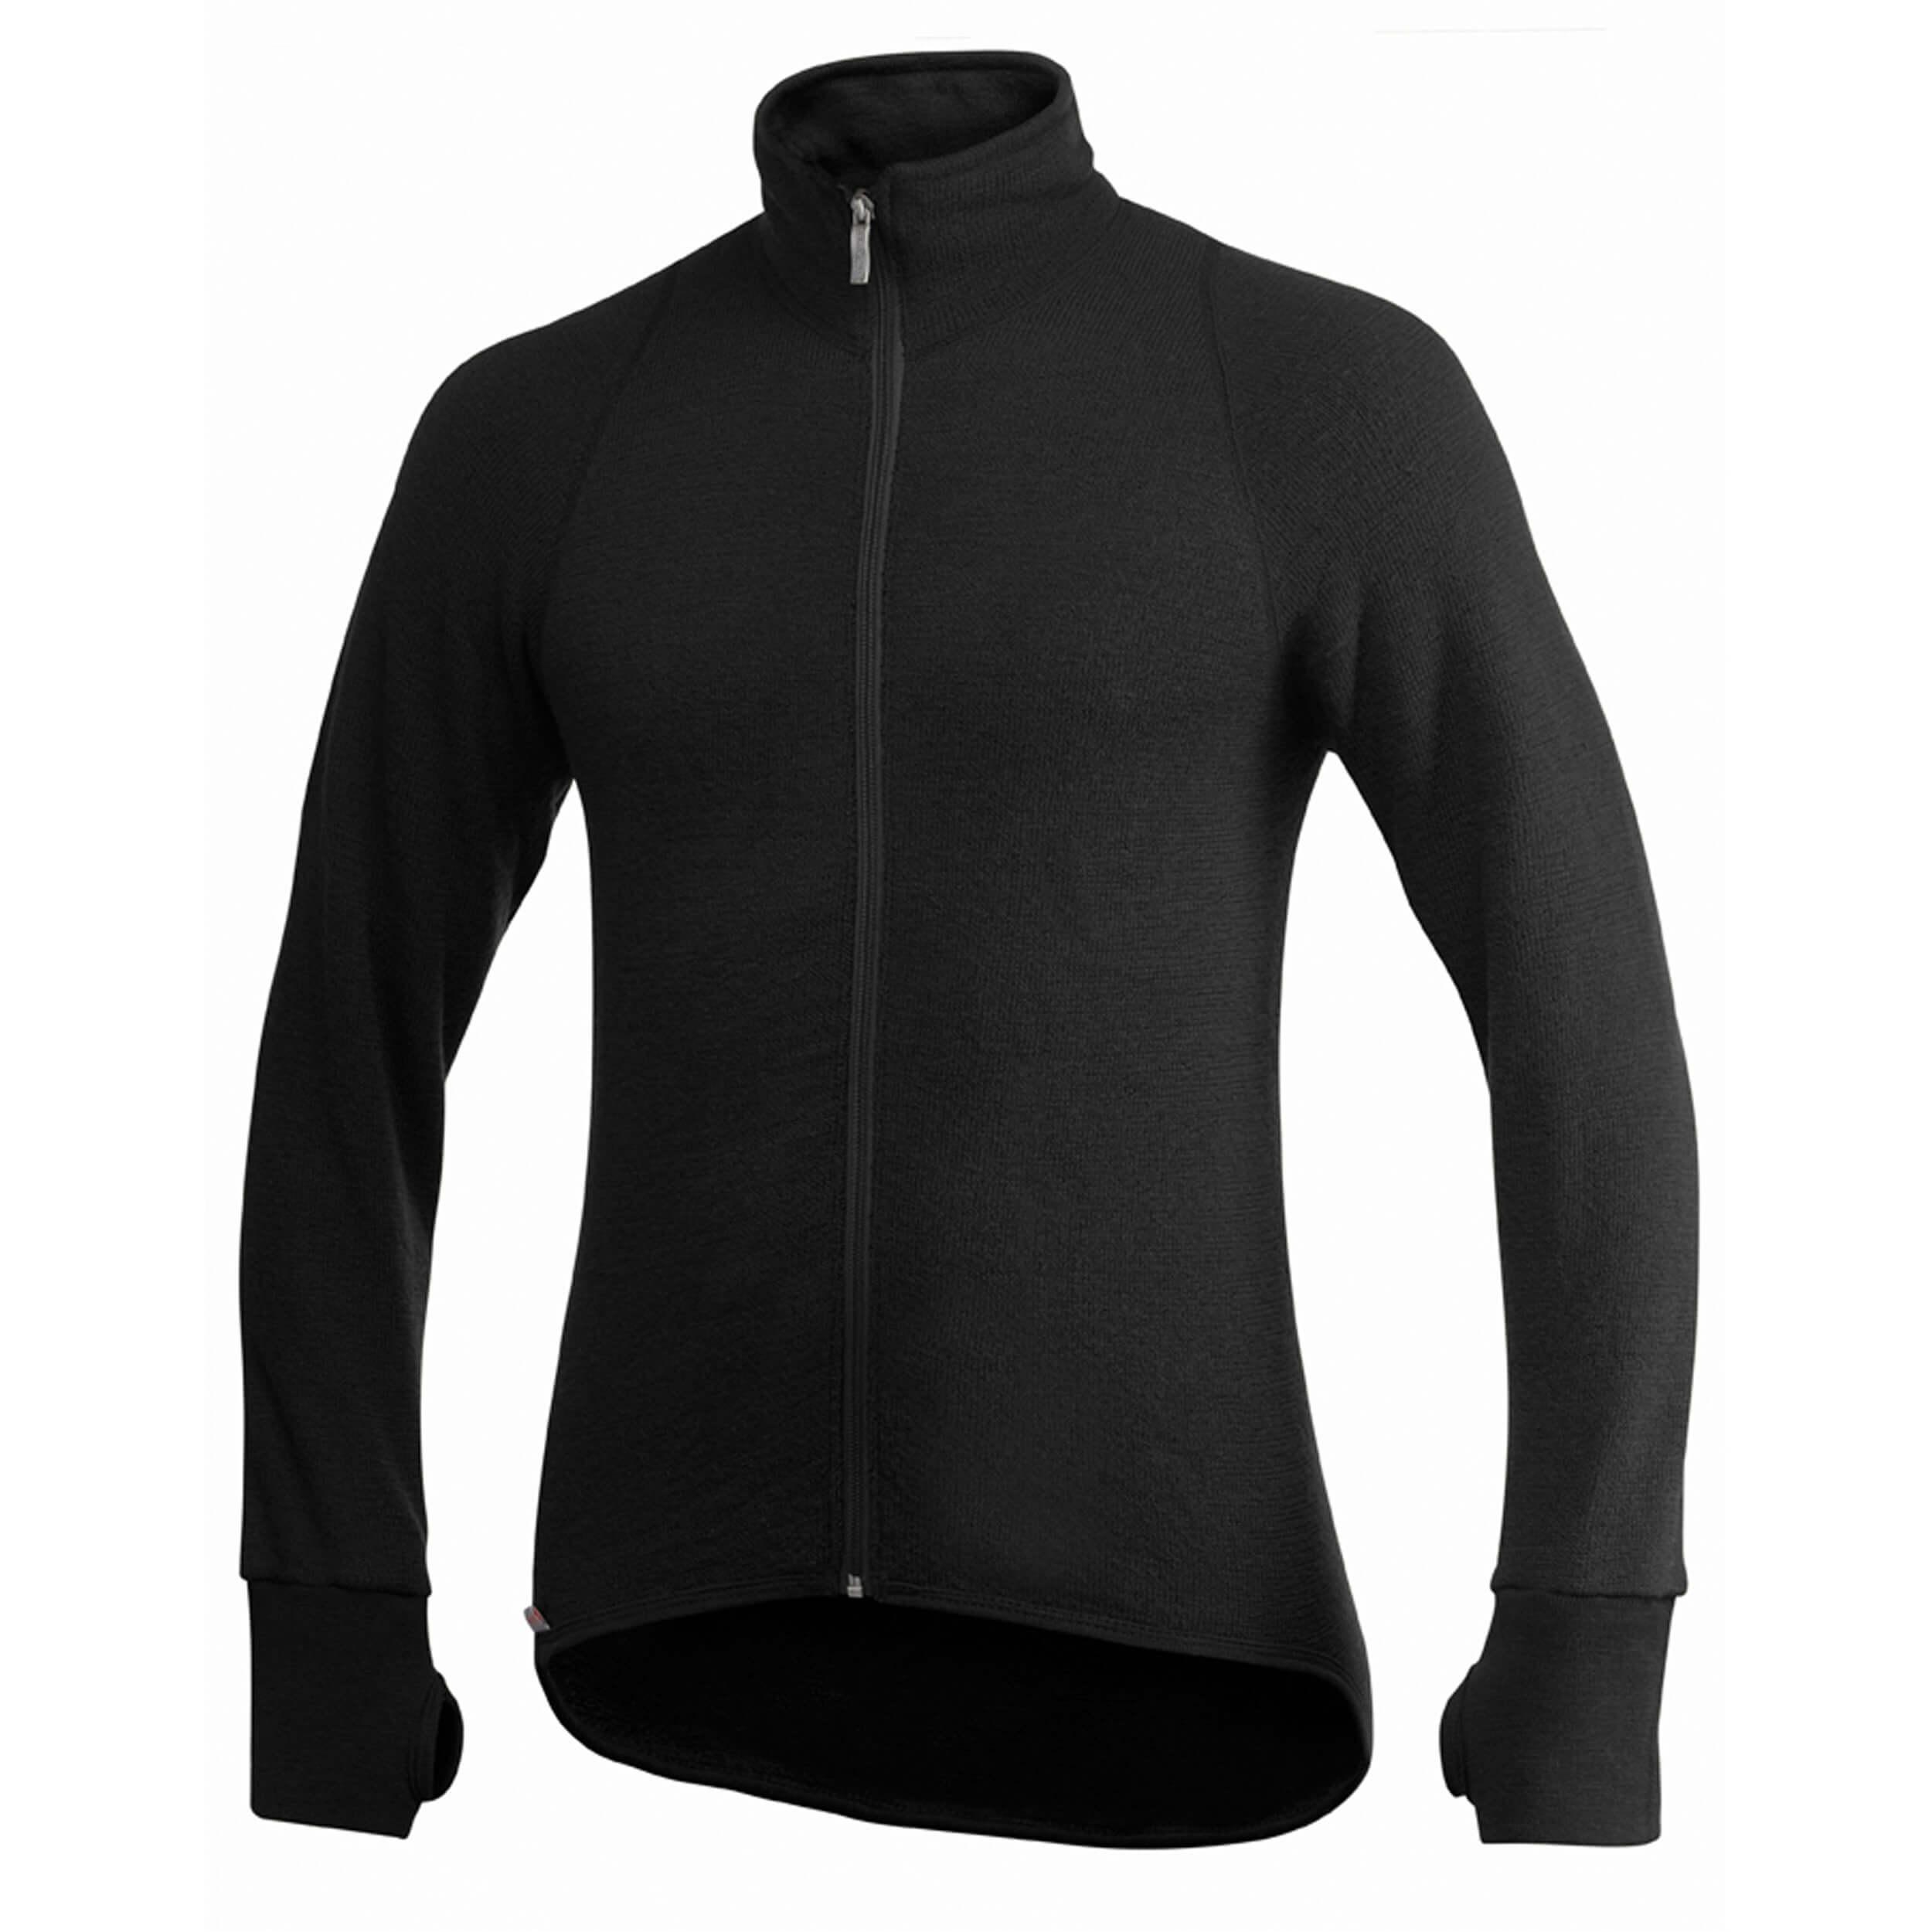 Woolpower Full ZIP Jacket 400 black